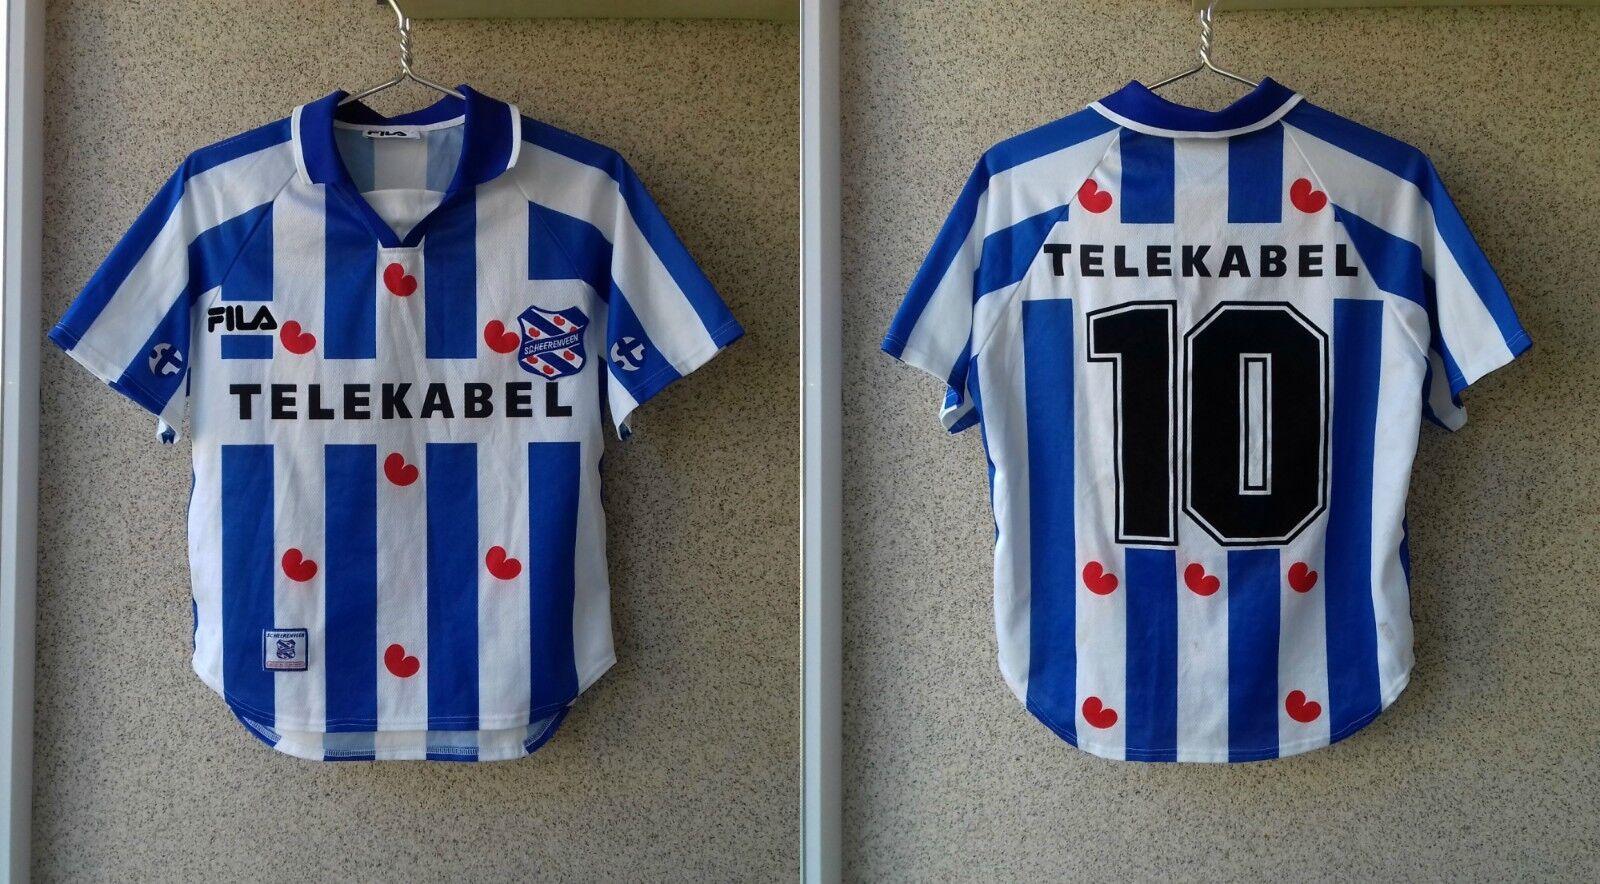 SC Heerenveen 1999 2000 Hogar Camiseta De Fútbol S Camiseta De Fútbol Fila Camiseta Vieja